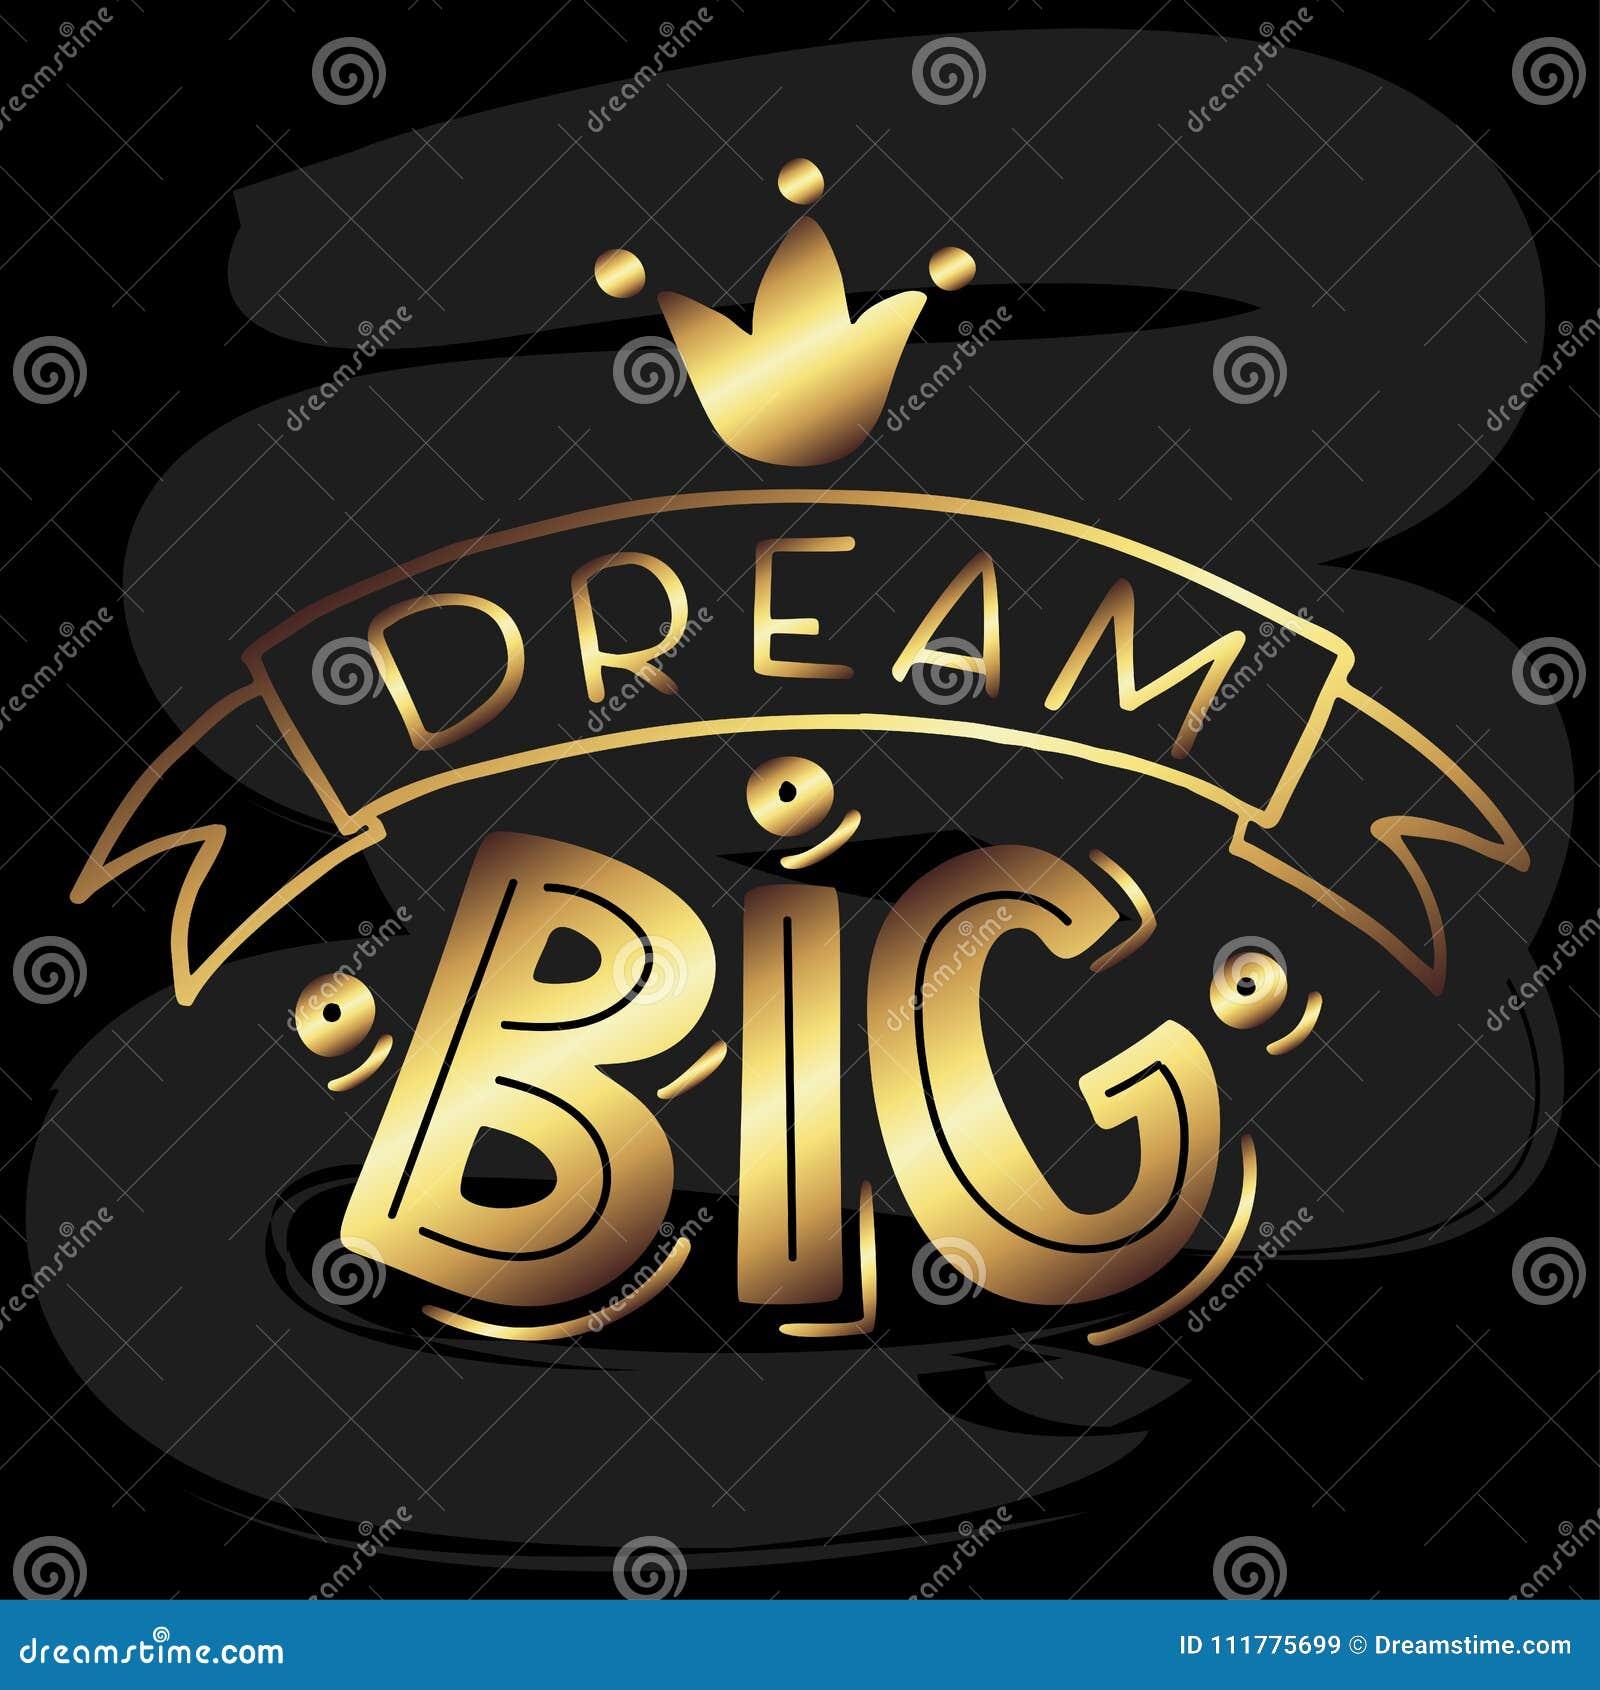 Dream Big Lettering on Chalkboard